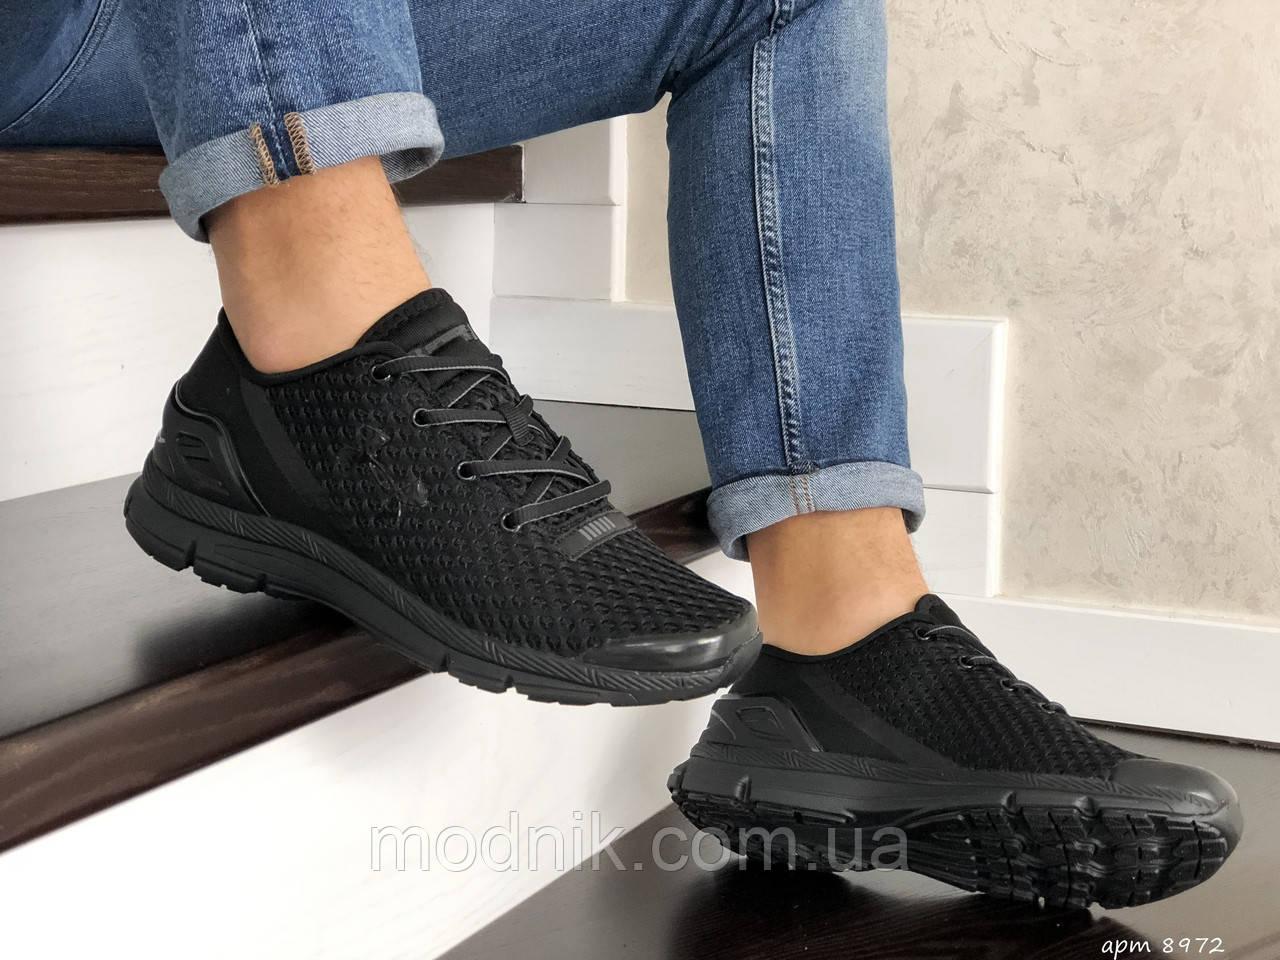 Мужские кроссовки Under Armour SpeedForm Gemini (Черные) 8972